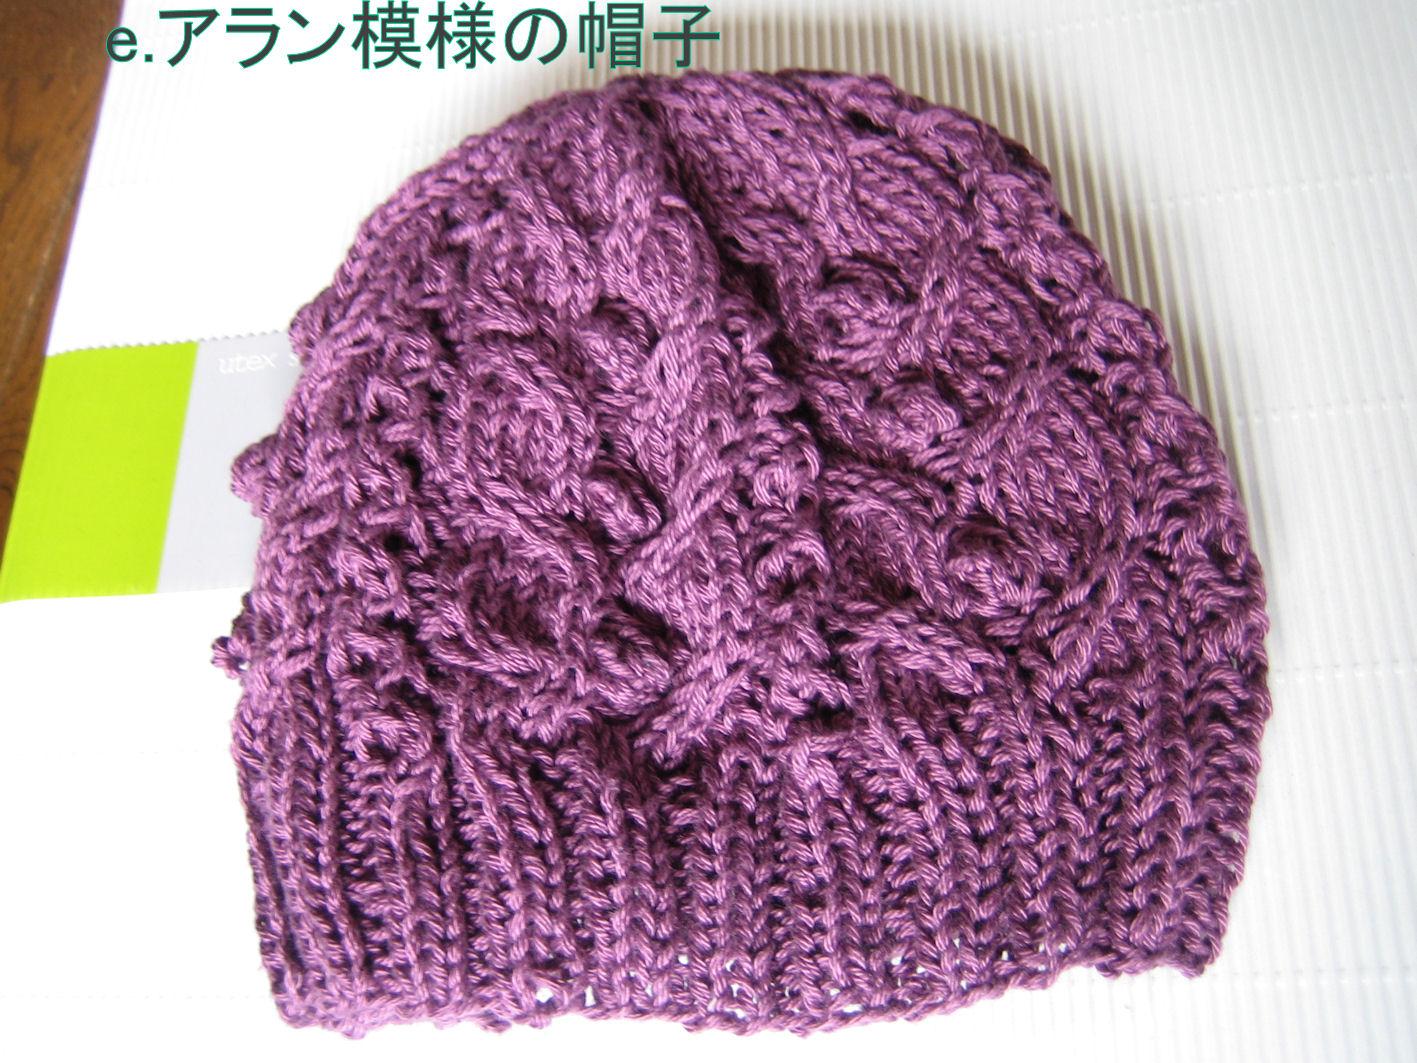 かぎ針 編み の 沼